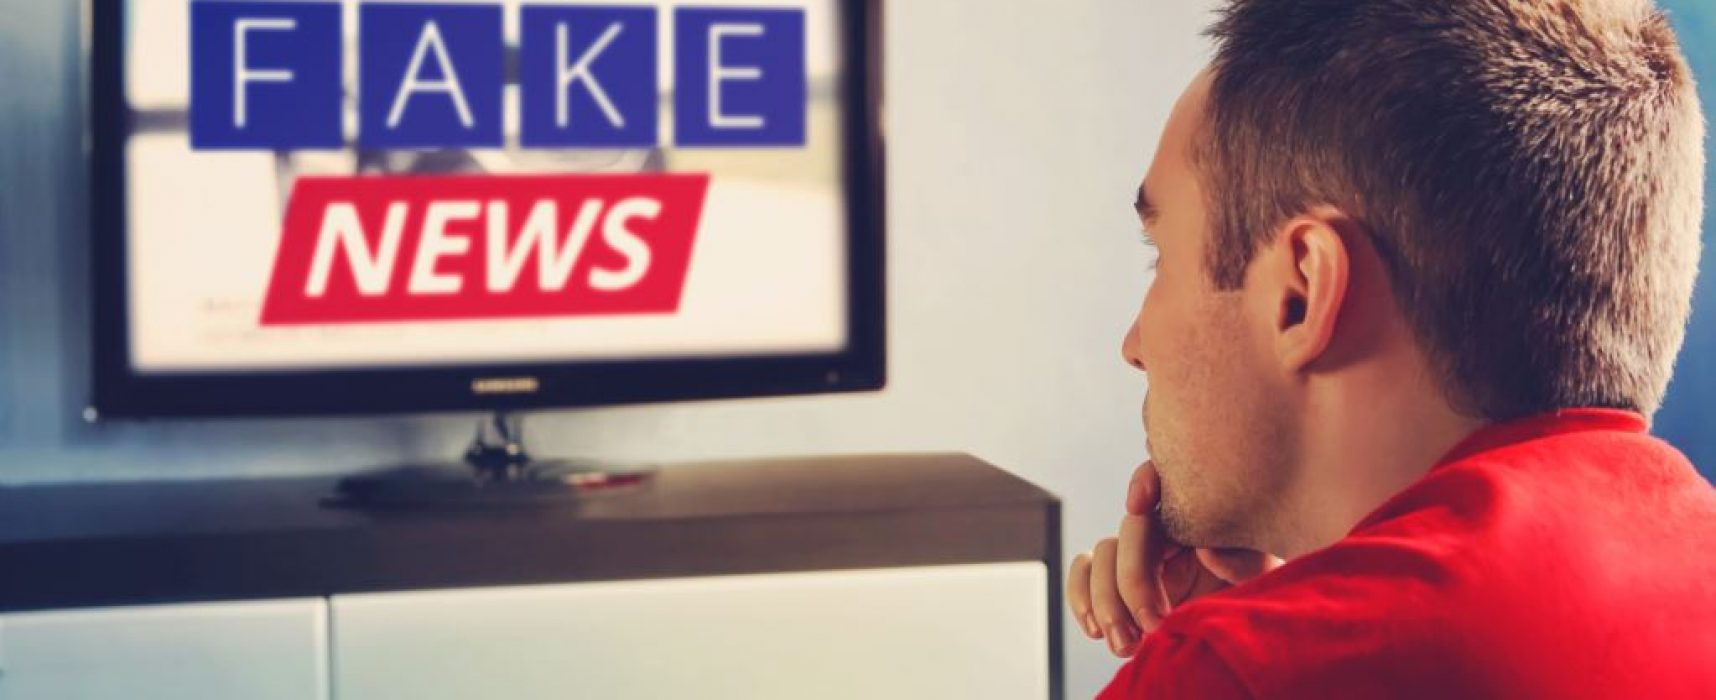 Британское правительство отказалось от термина fake news